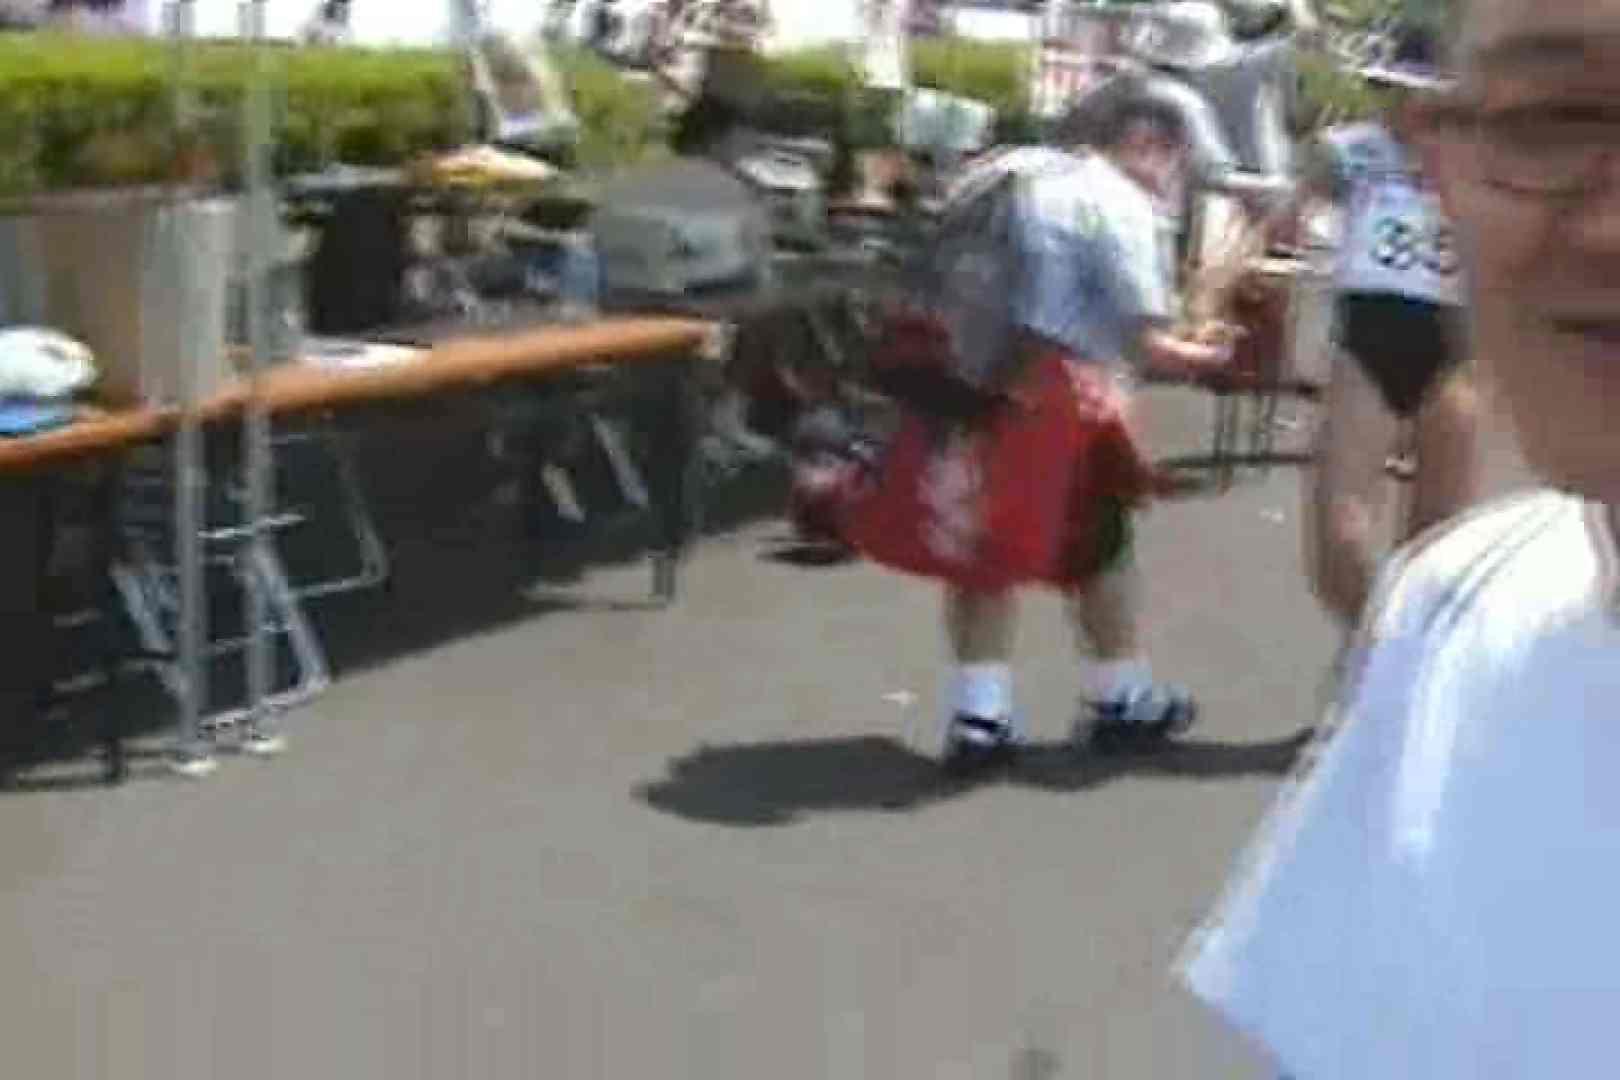 鉄人レース!!トライアスロンに挑む女性達!!Vol.6 コスチューム   エロティックなOL  75画像 65